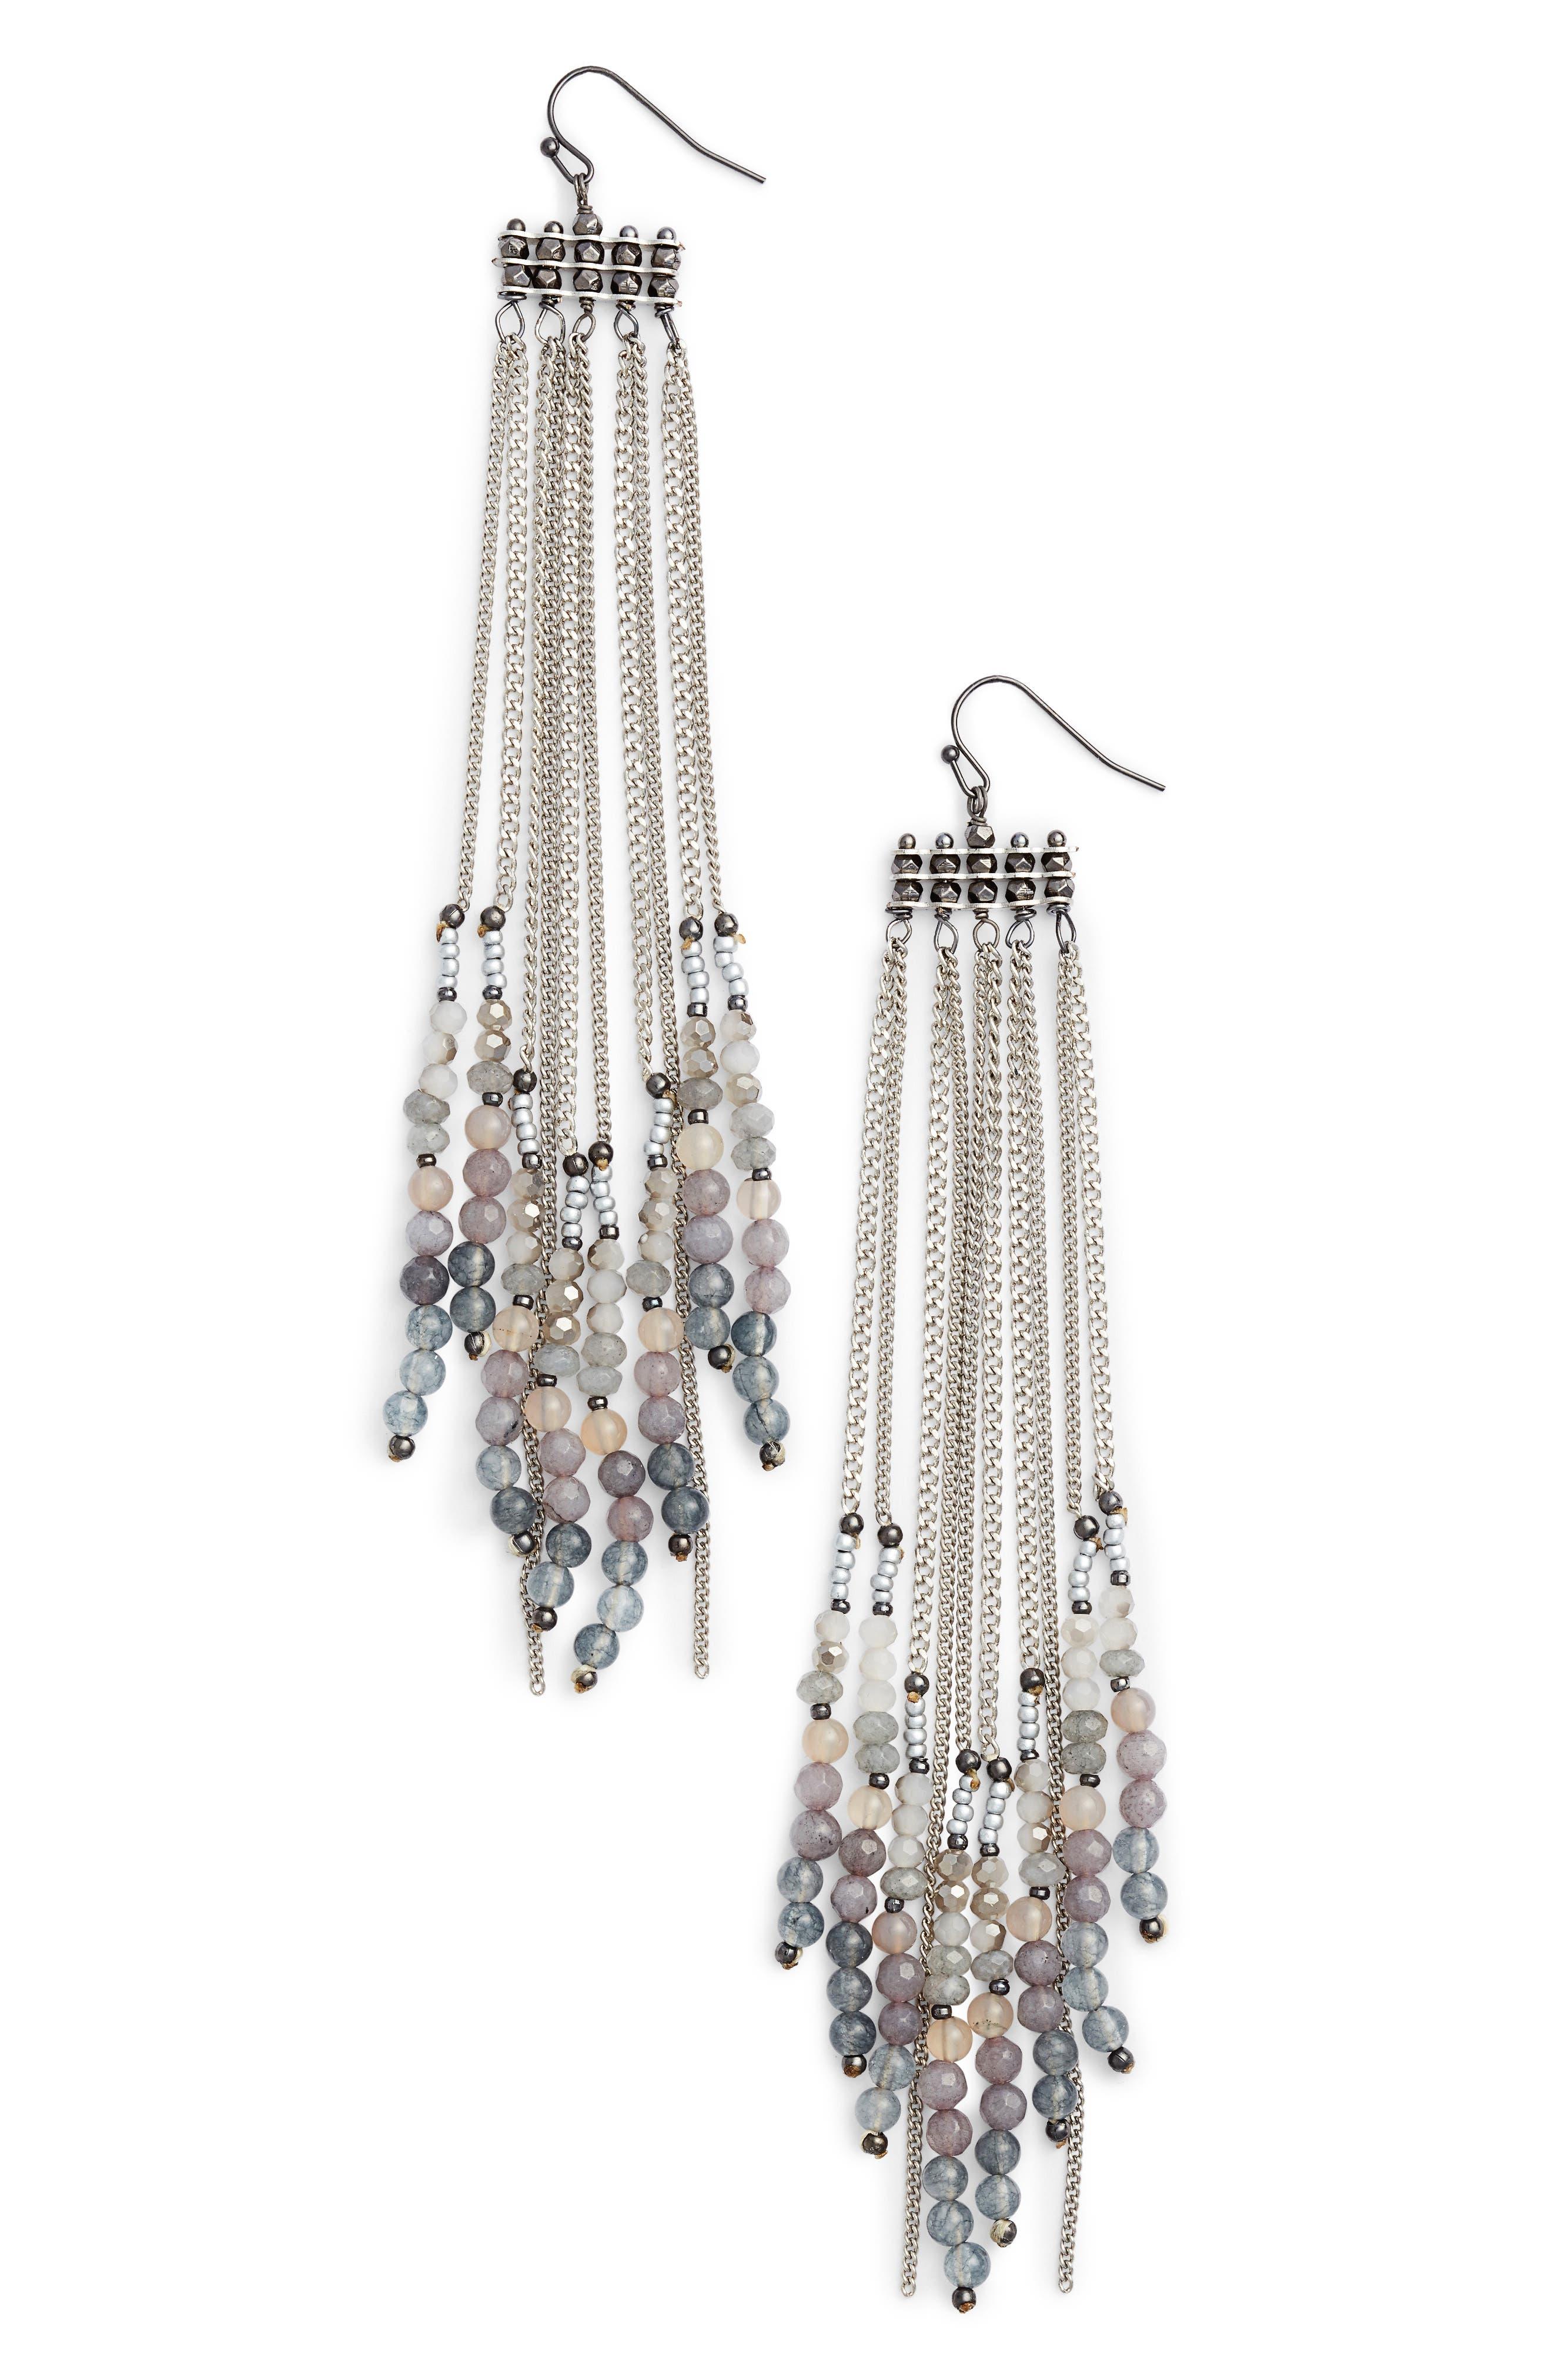 Nakamol Design Chain Shoulder Duster Earrings